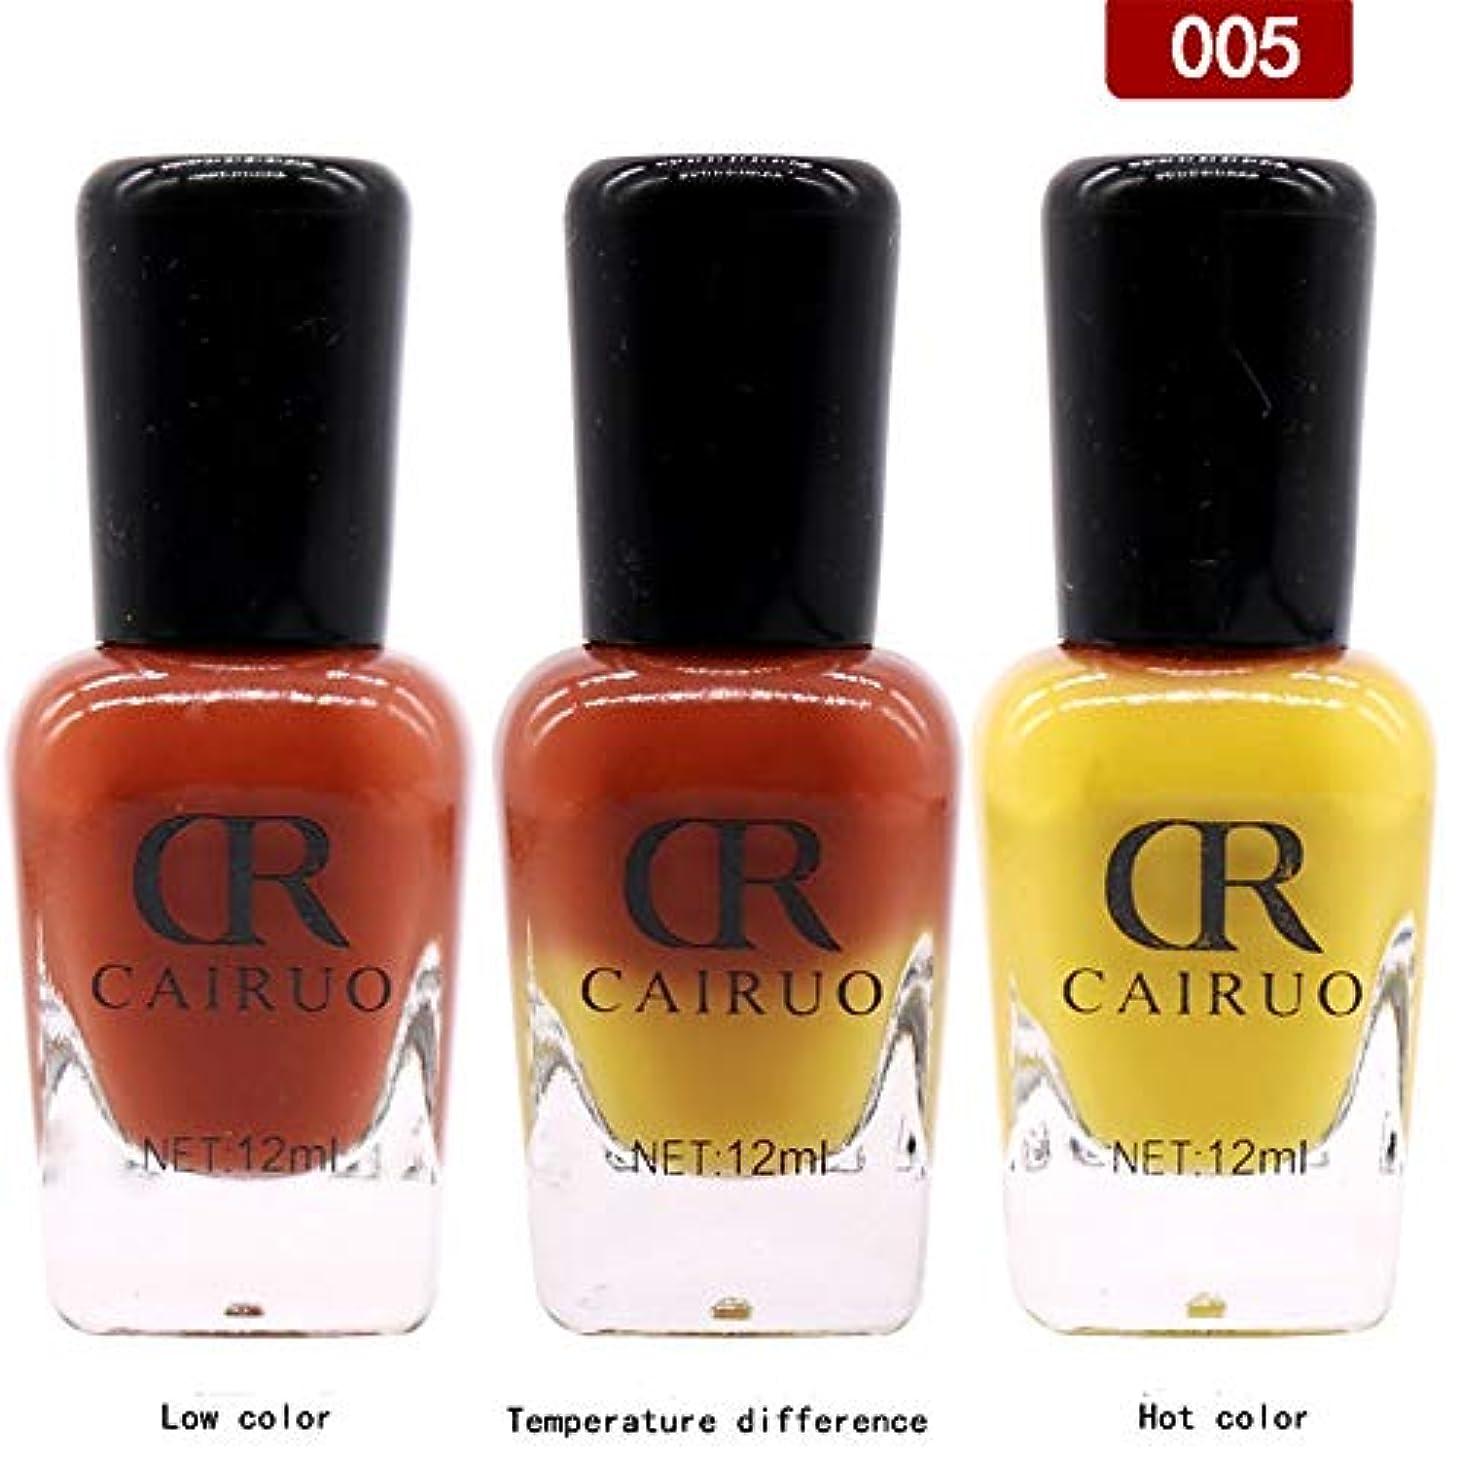 ブート深遠なんとなくカラージェル 温度により色が変化 カメレオンジェルネイル 剥離可能 ネイルアート 12ml/本 (005)